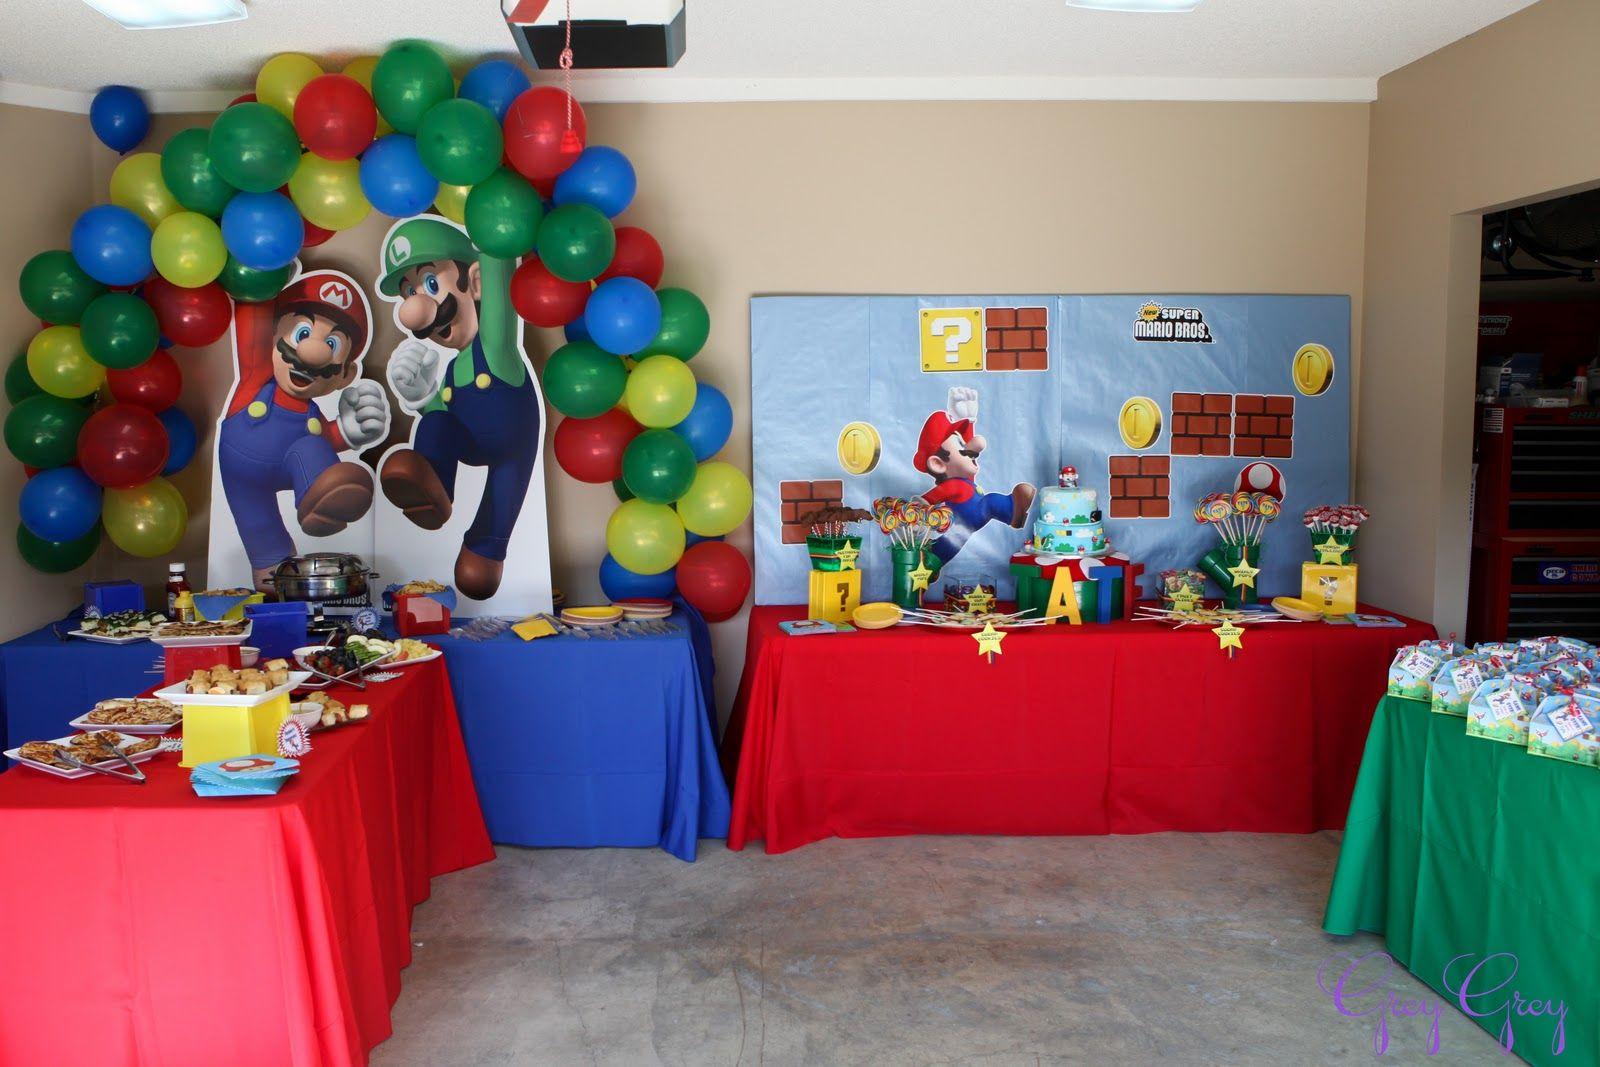 Super mario bros party decor ideas